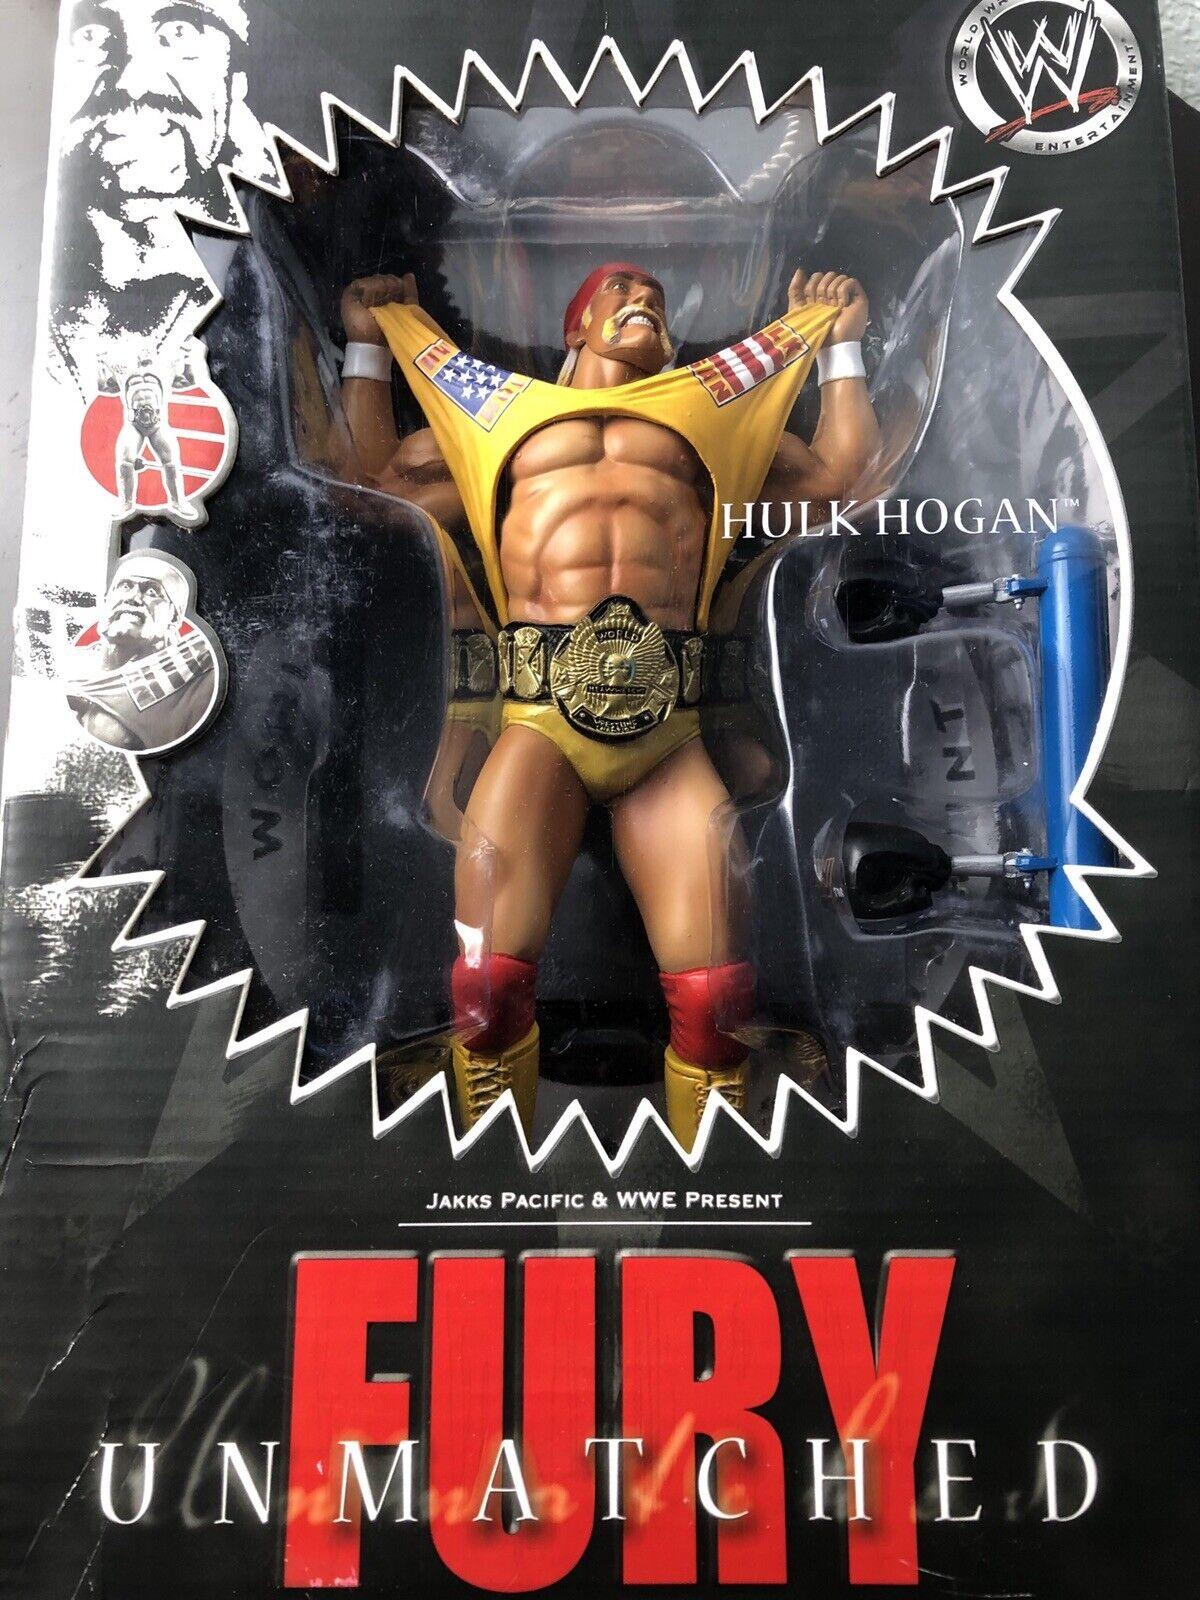 WWE Hulk Hogan inégalée Fury Platinum Wrestling Figure  Jakks Pacific nouveau in box RARE  venez choisir votre propre style sportif